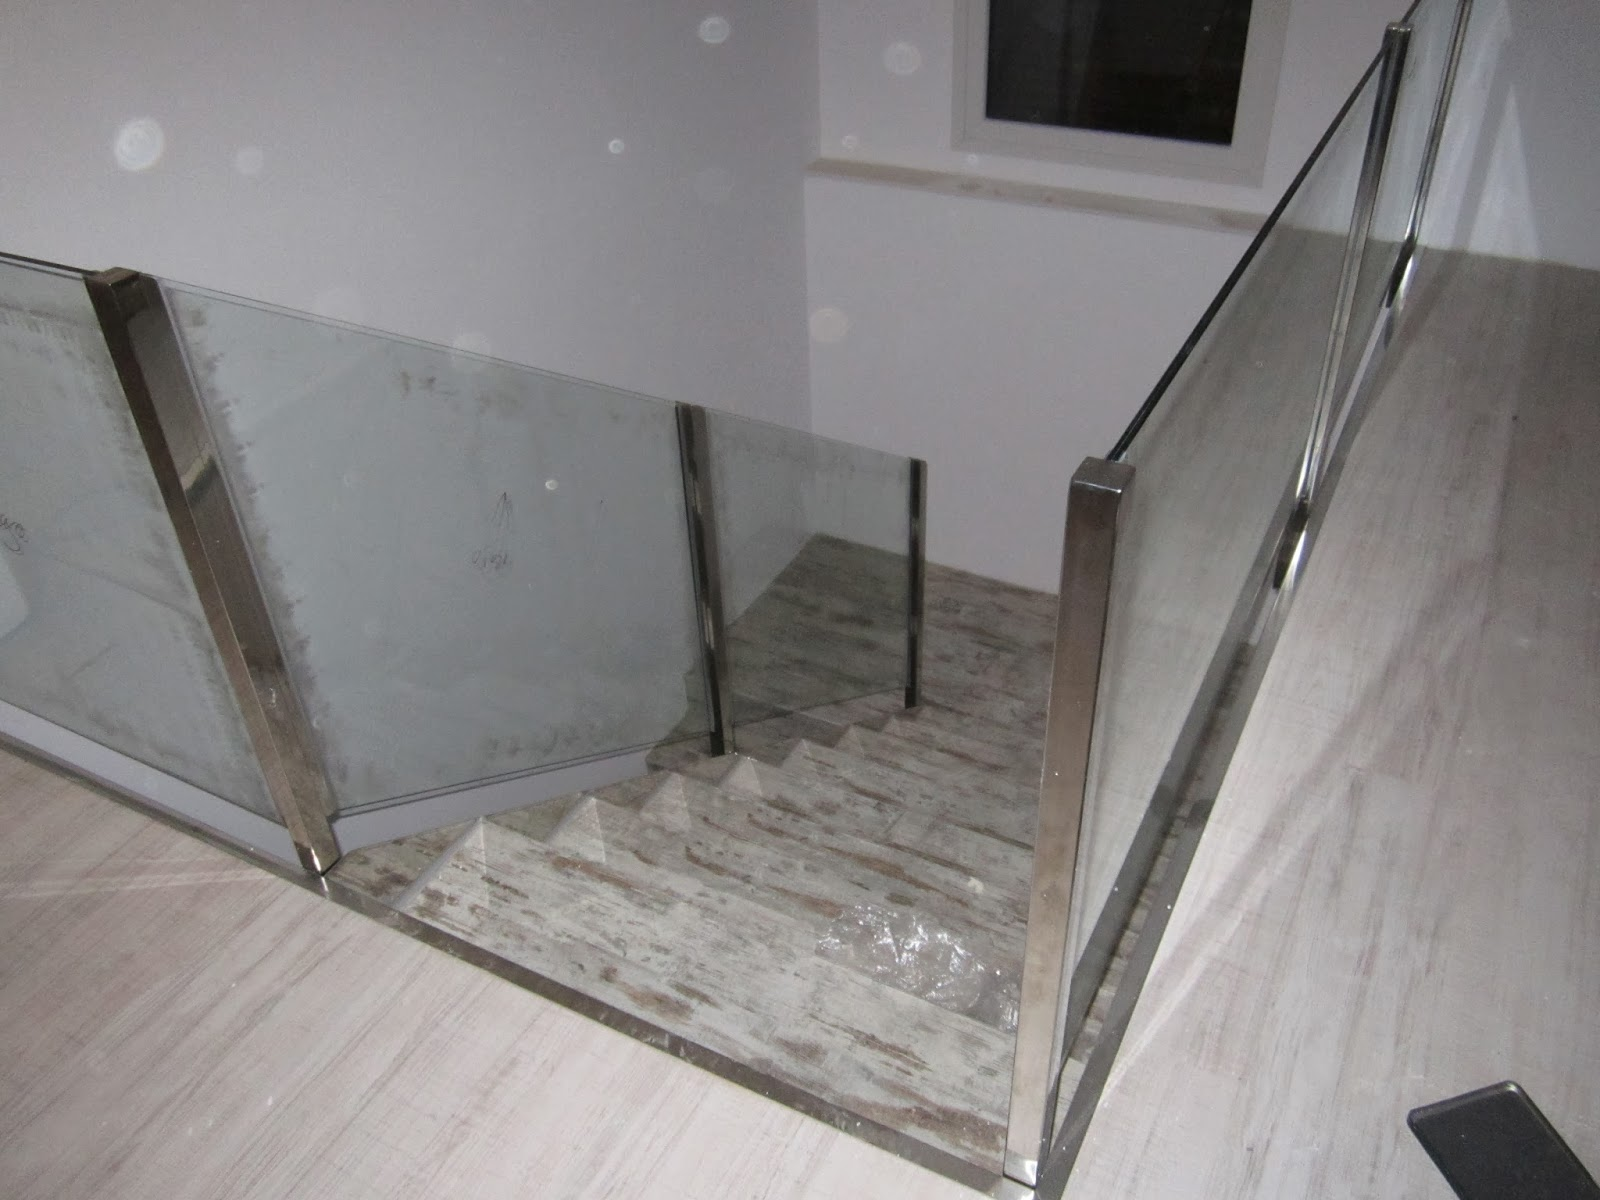 Norbel carpinteria met lica y acero inoxidable barandilla - Barandillas de escaleras ...